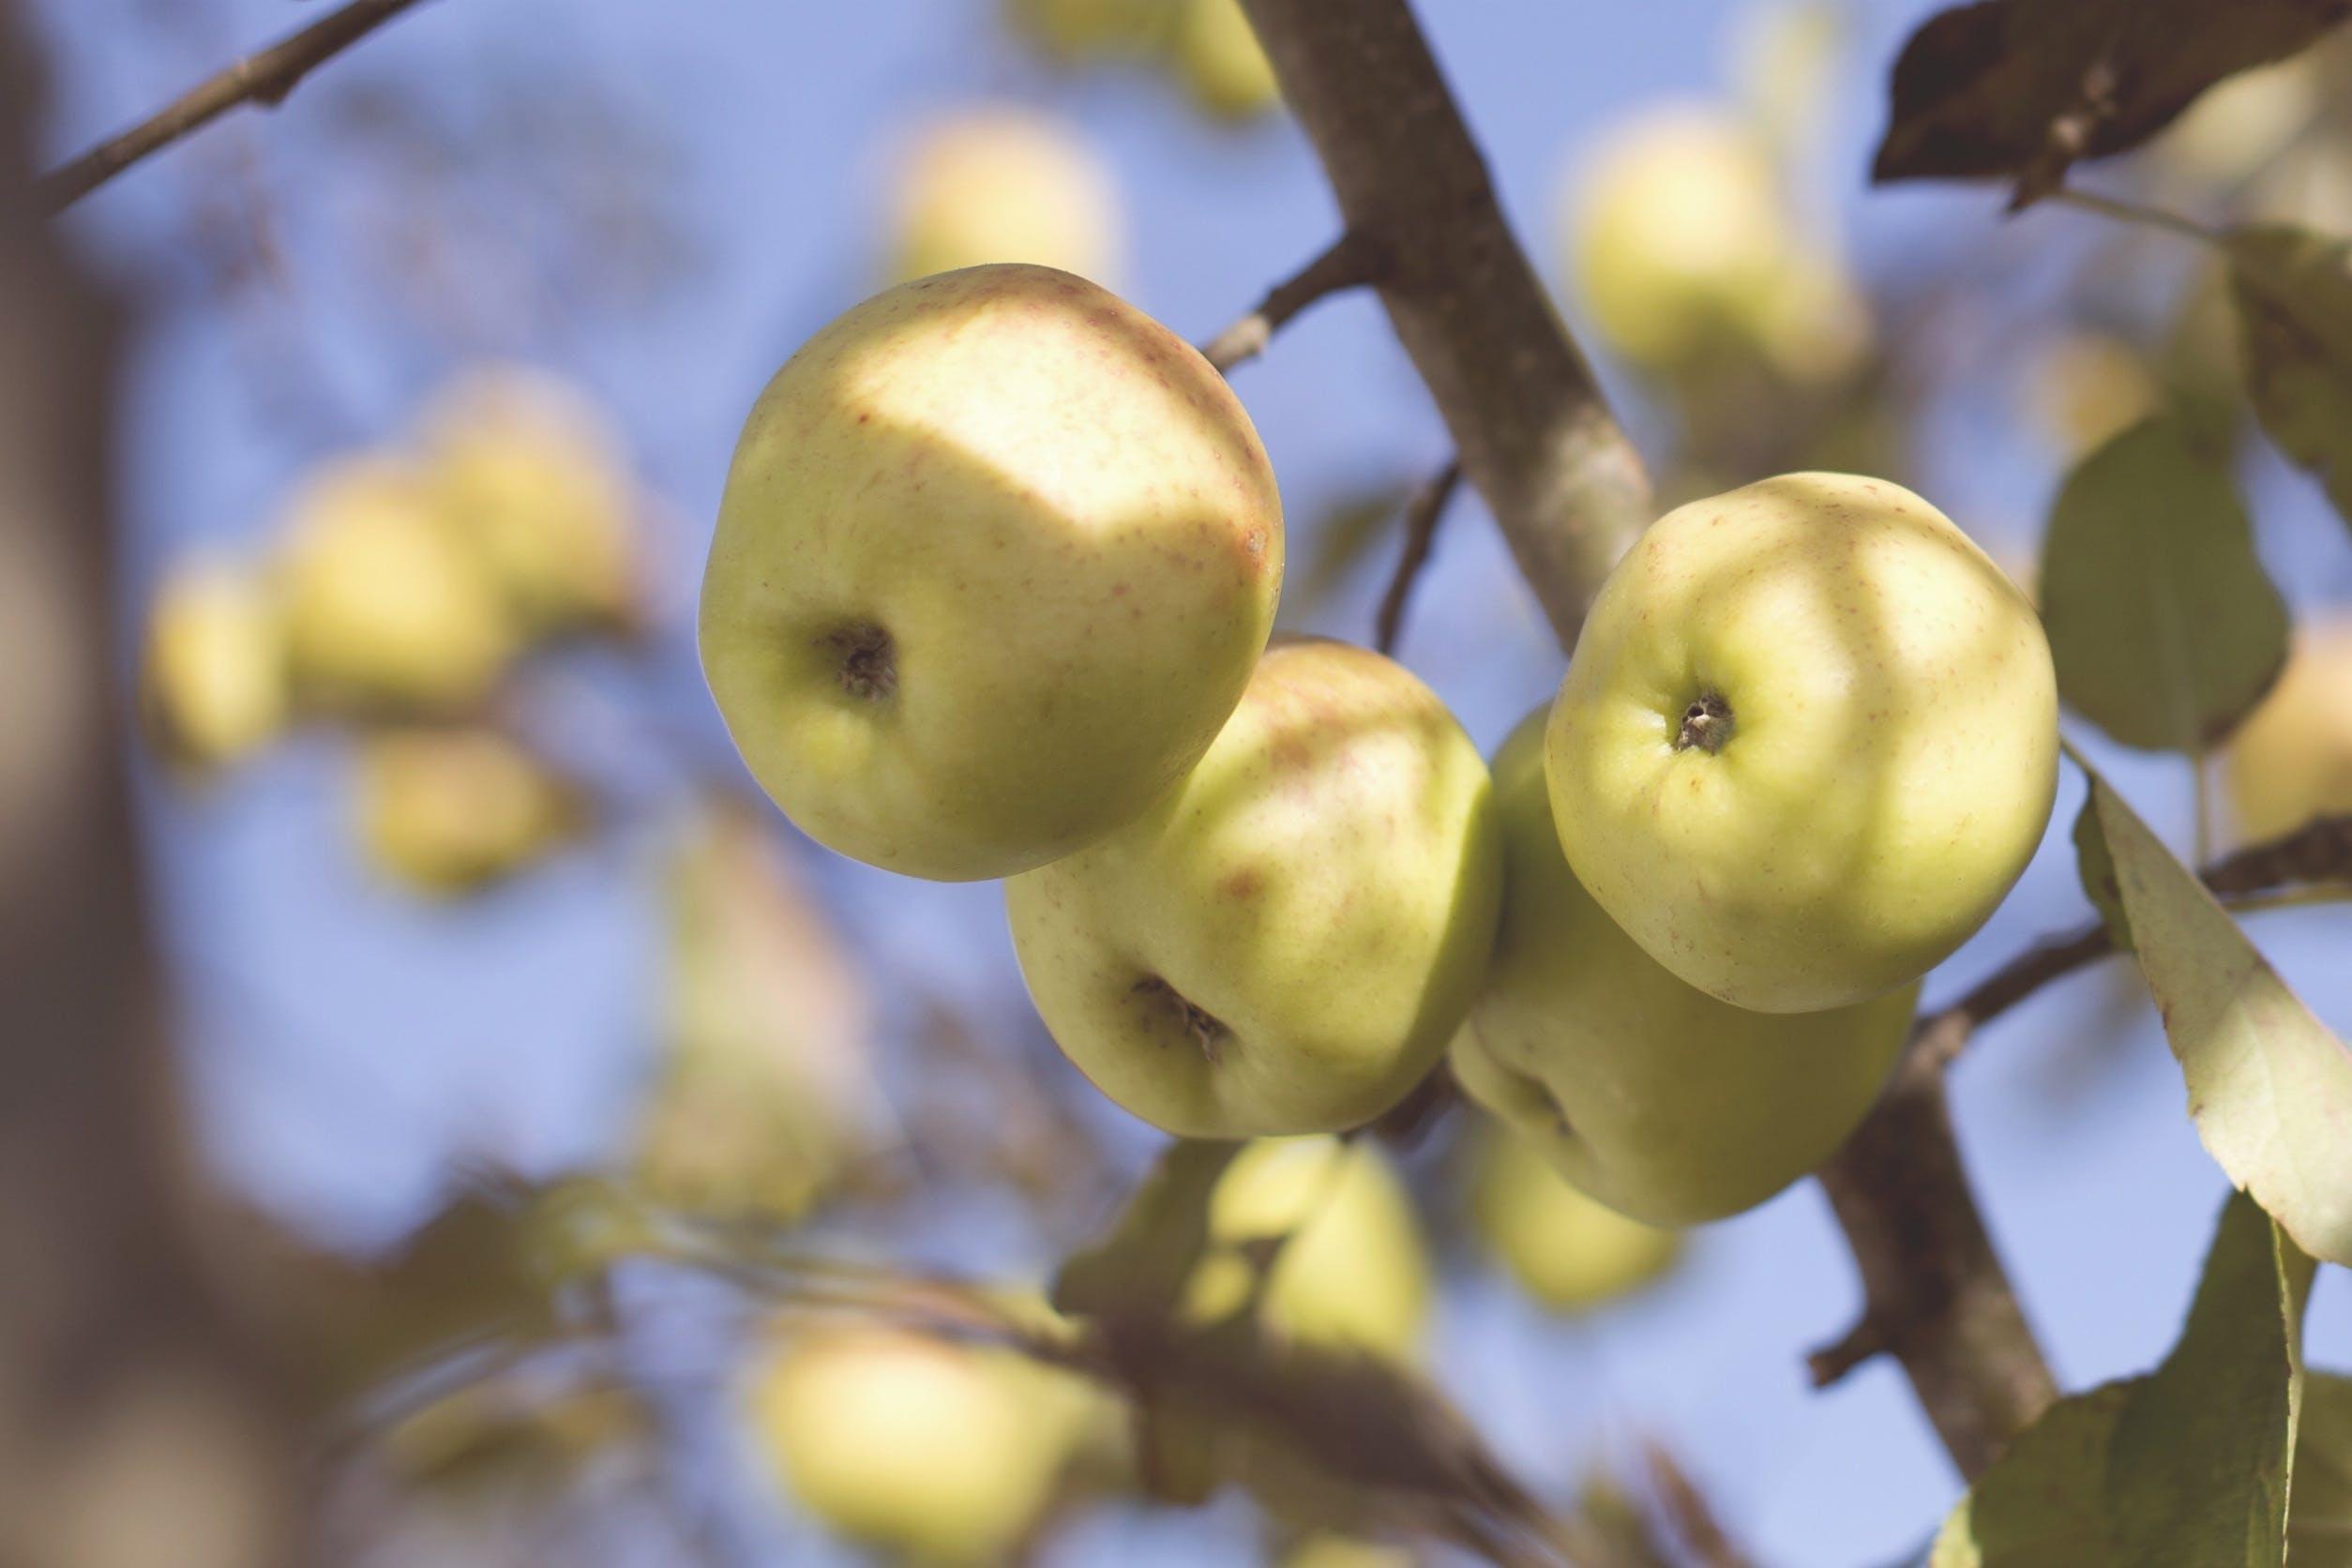 Green Round Fruit During Daytime